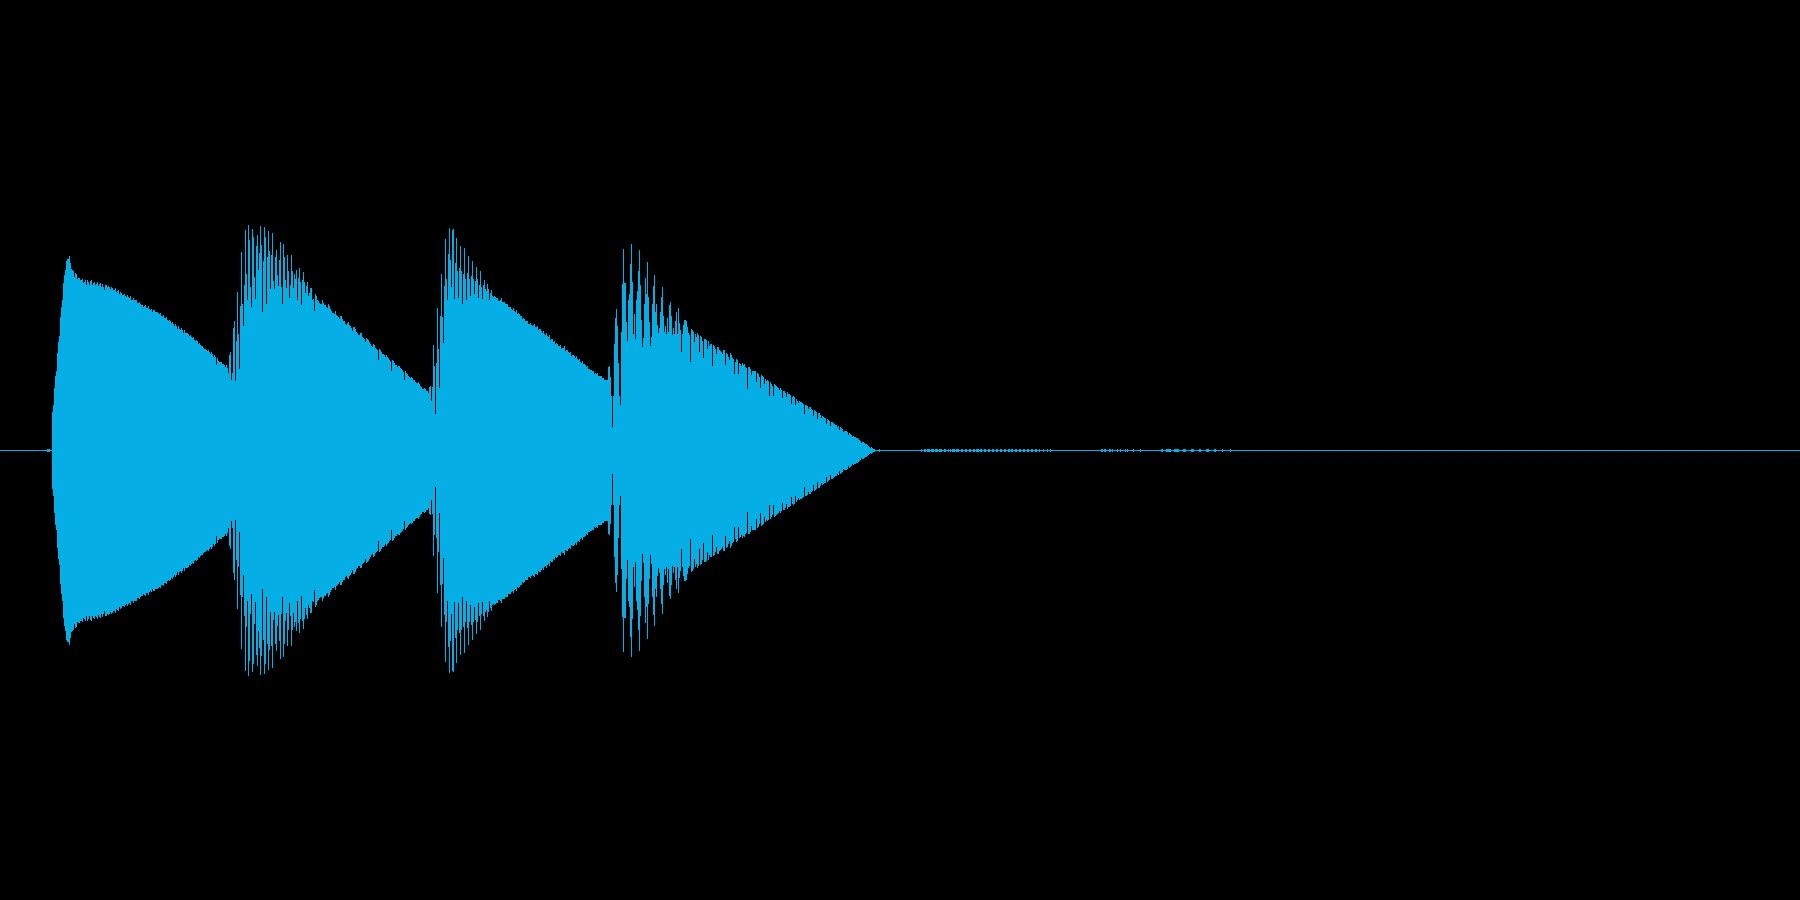 8bitのシステム音ピロロロン↓高音の再生済みの波形